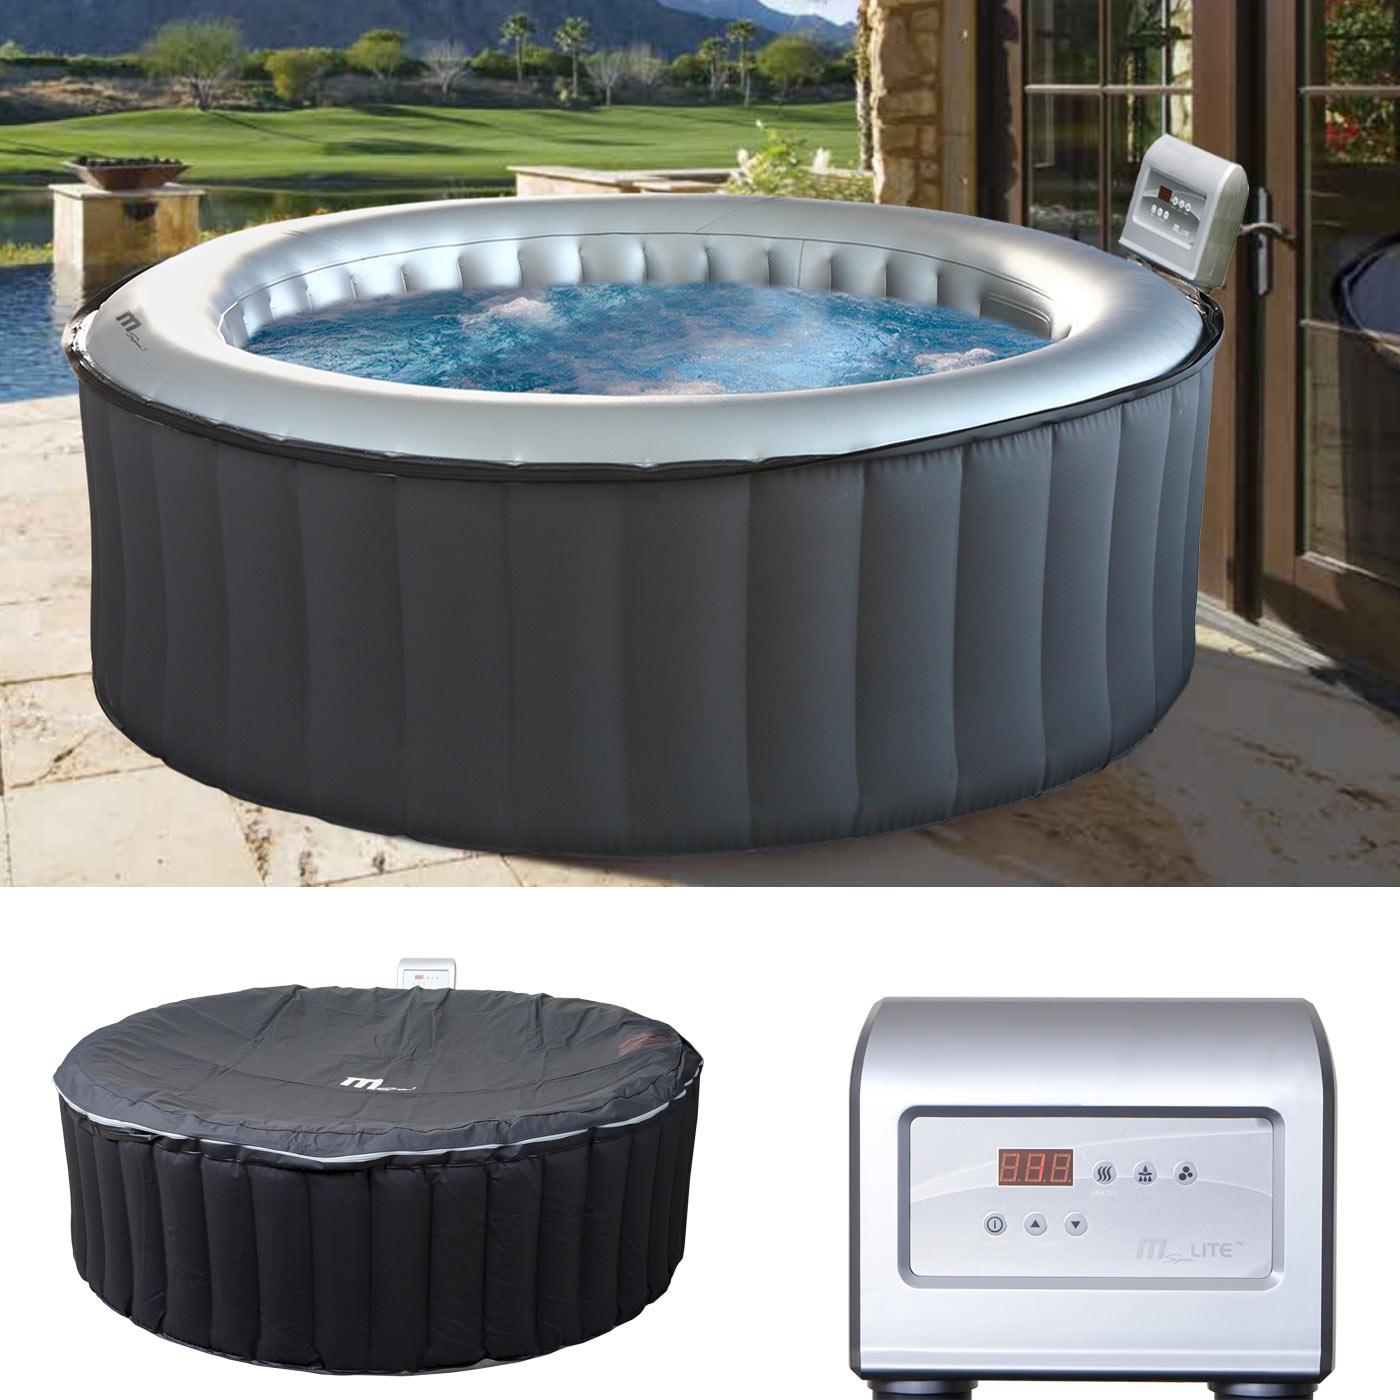 whirlpool mspa hwc a62 6 personen in outdoor heizbar aufblasbar 204cm fi schalter. Black Bedroom Furniture Sets. Home Design Ideas